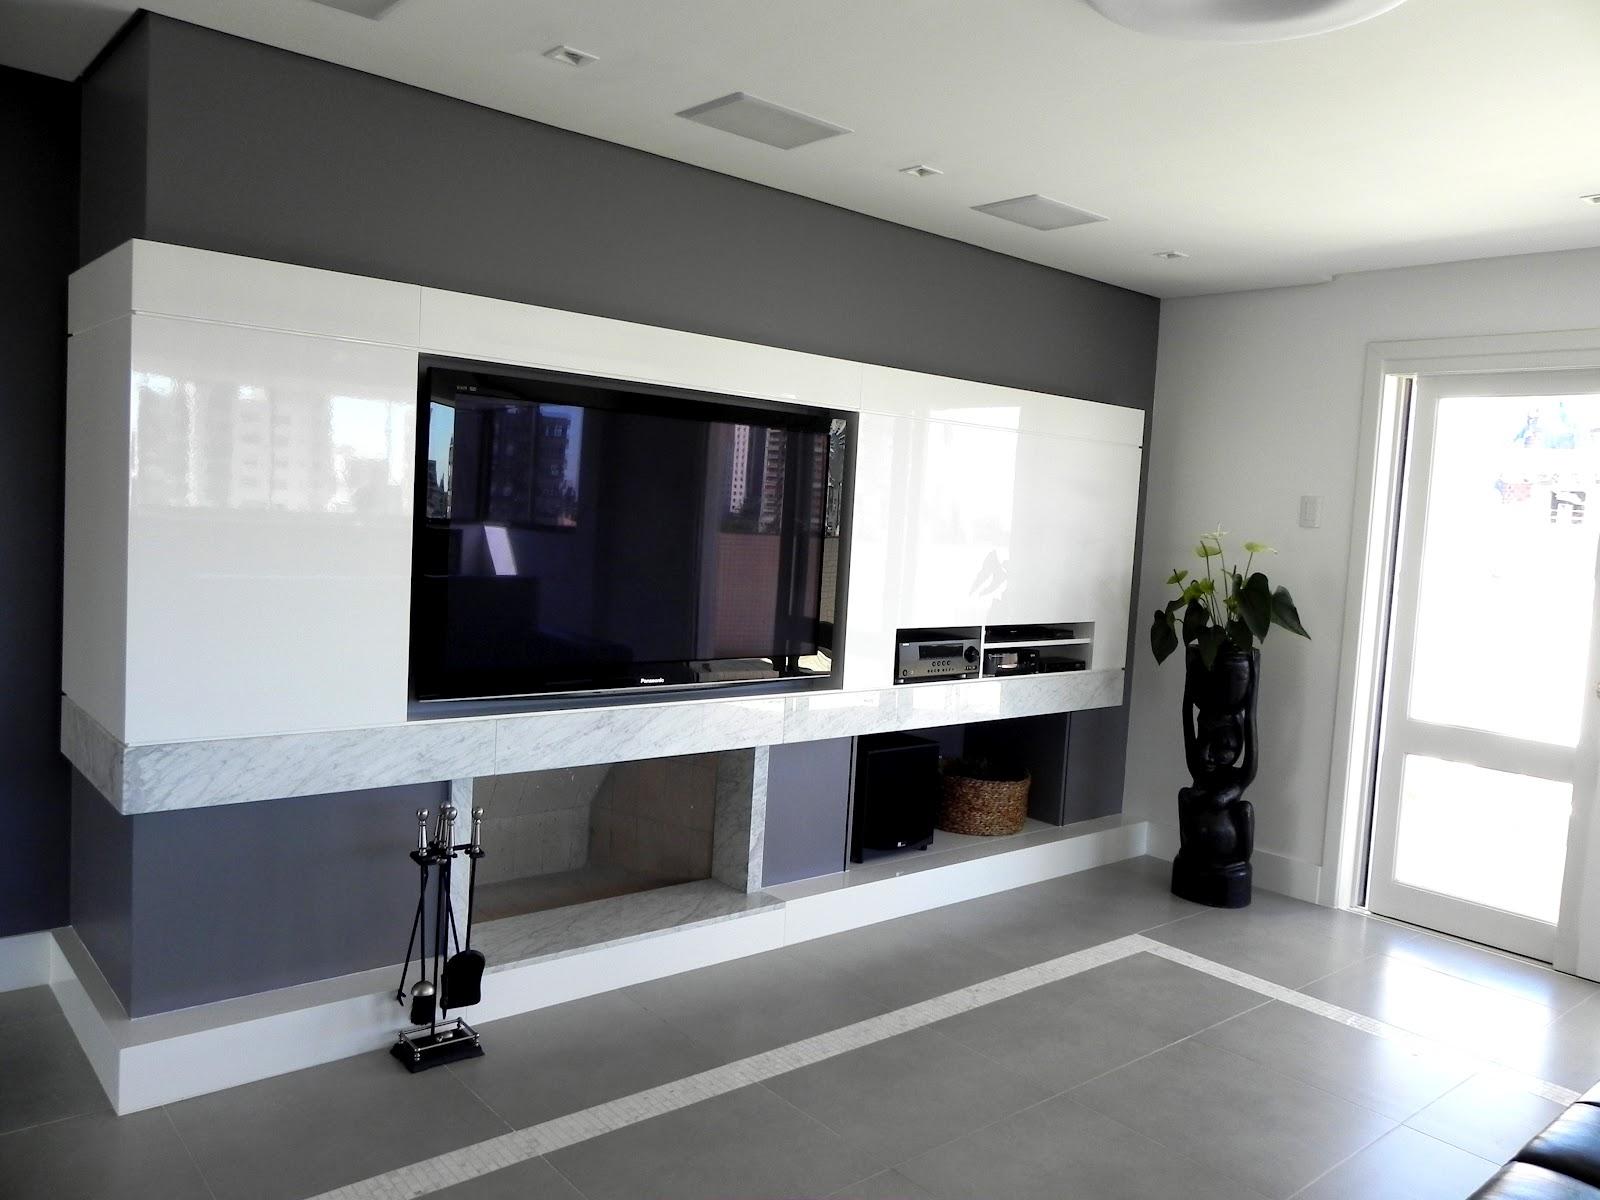 Lareira recebeu painel em laca e mármore para acomodar TV e aparelhos #526579 1600x1200